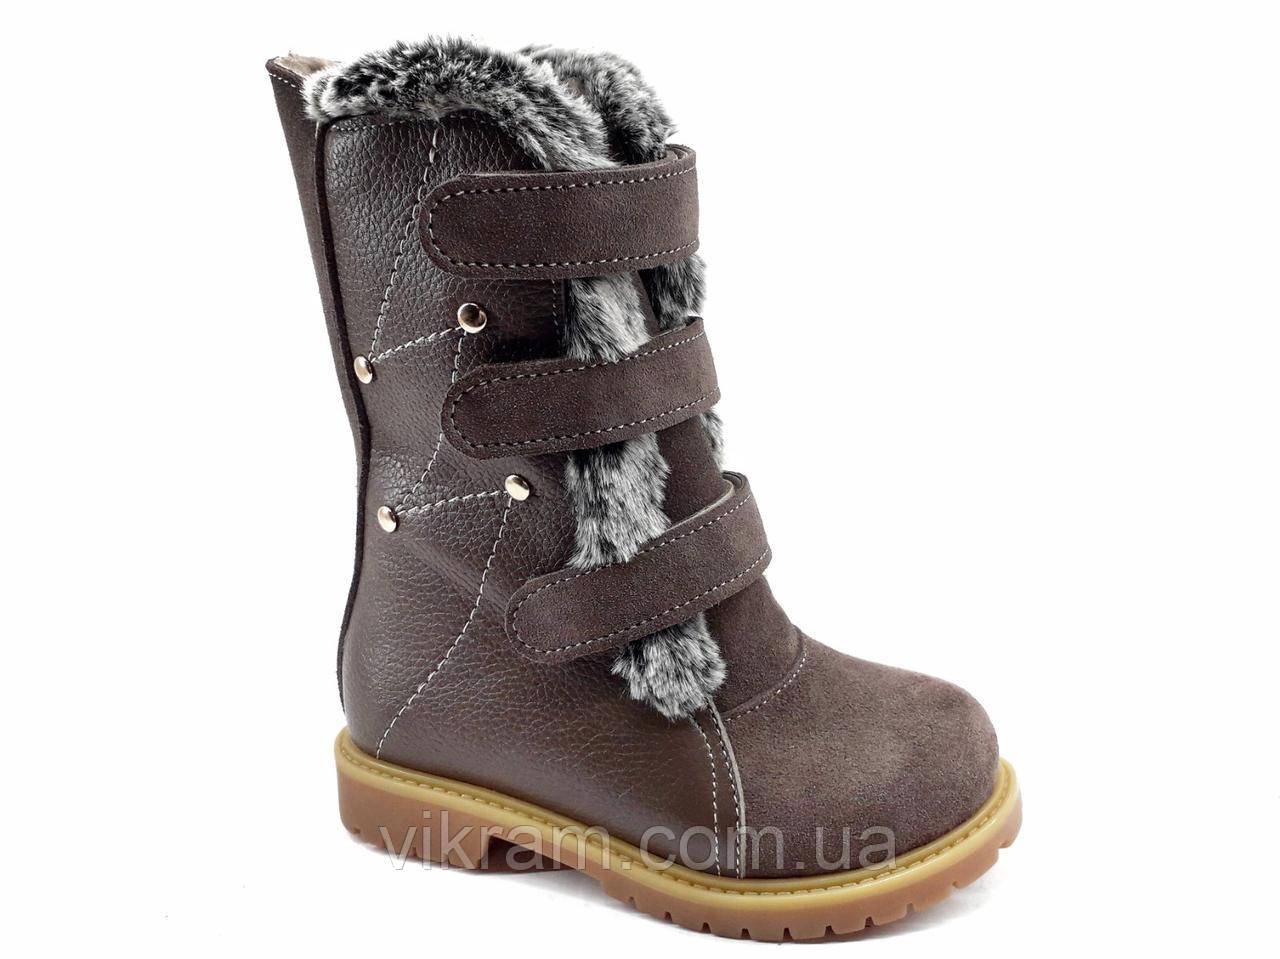 Кожаные ортопедические зимние ботинки СНЕЖКА коричневые